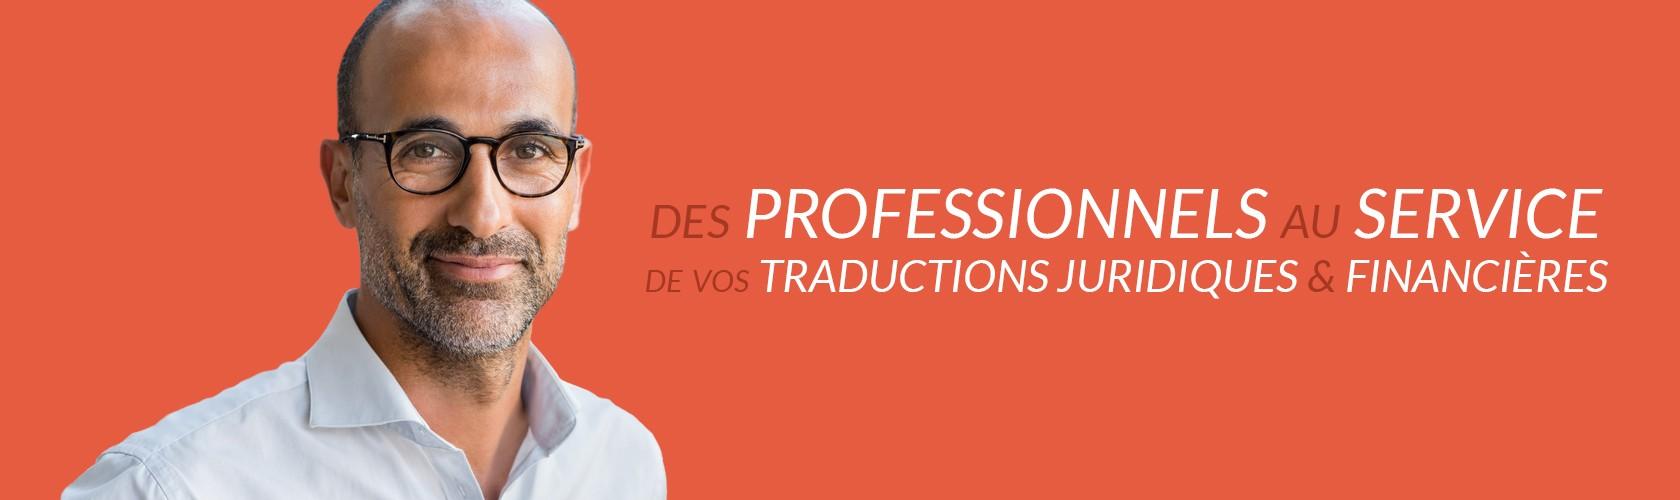 ae traduction agence europeenne de traduction des professionnels au service  de vos traductions juridiques & financières